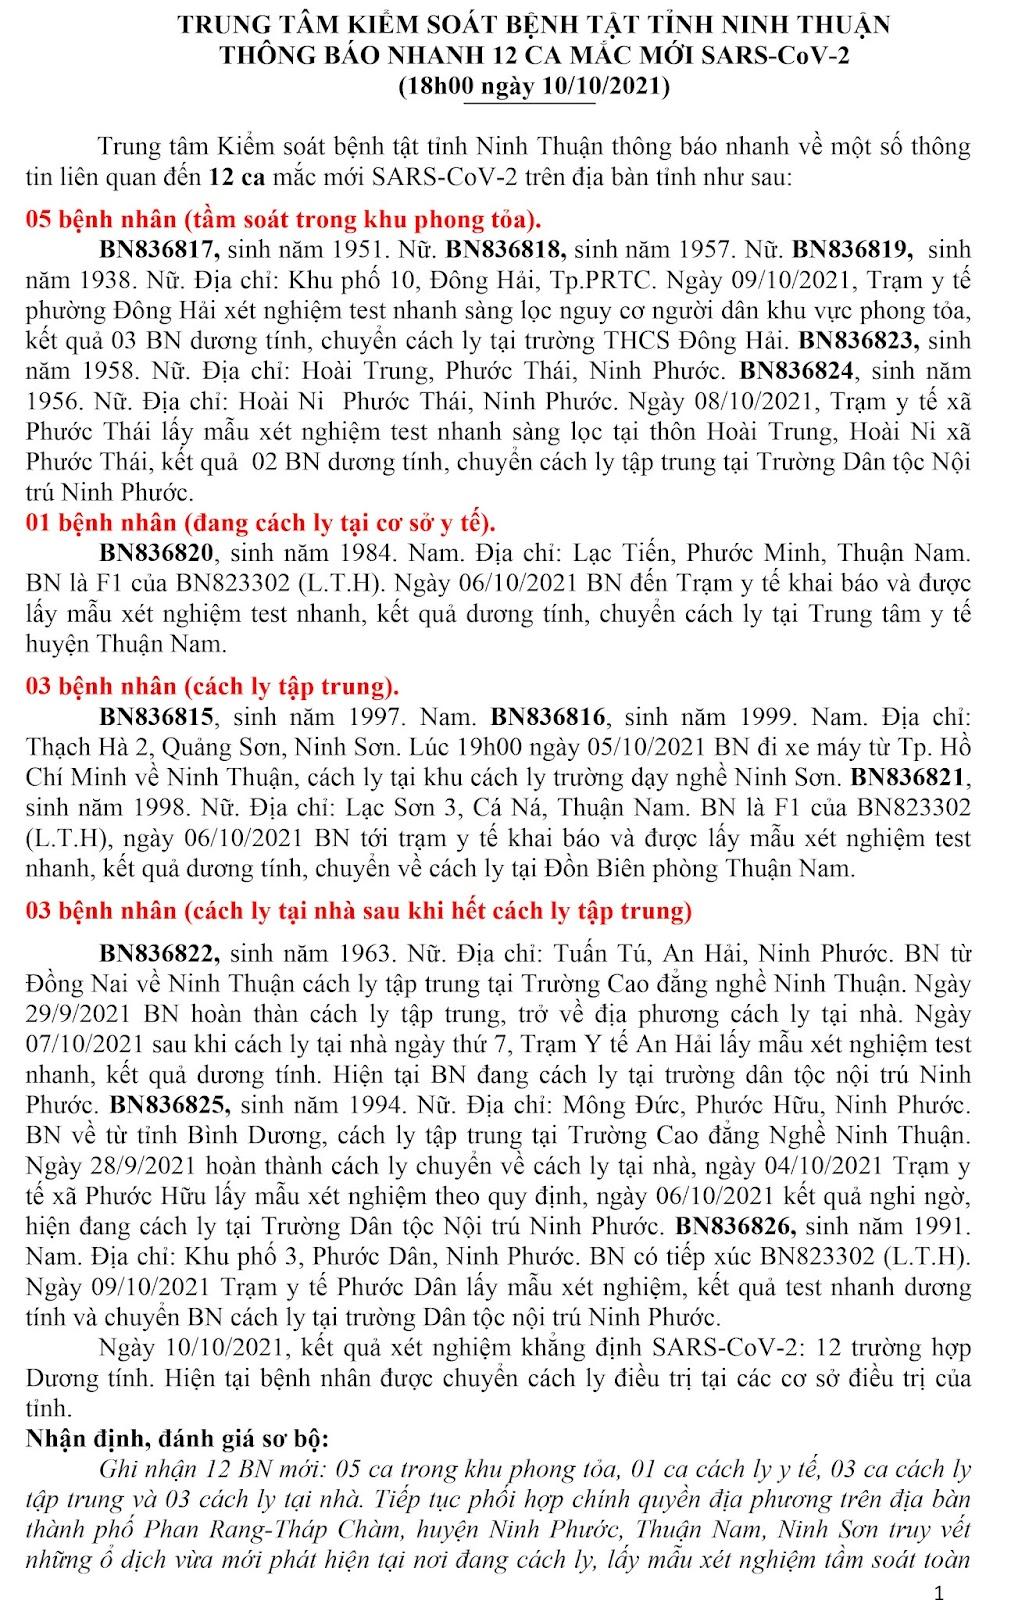 Ngày 10-10, Ninh Thuận ghi nhận 12 ca mắc Covid-19 mới